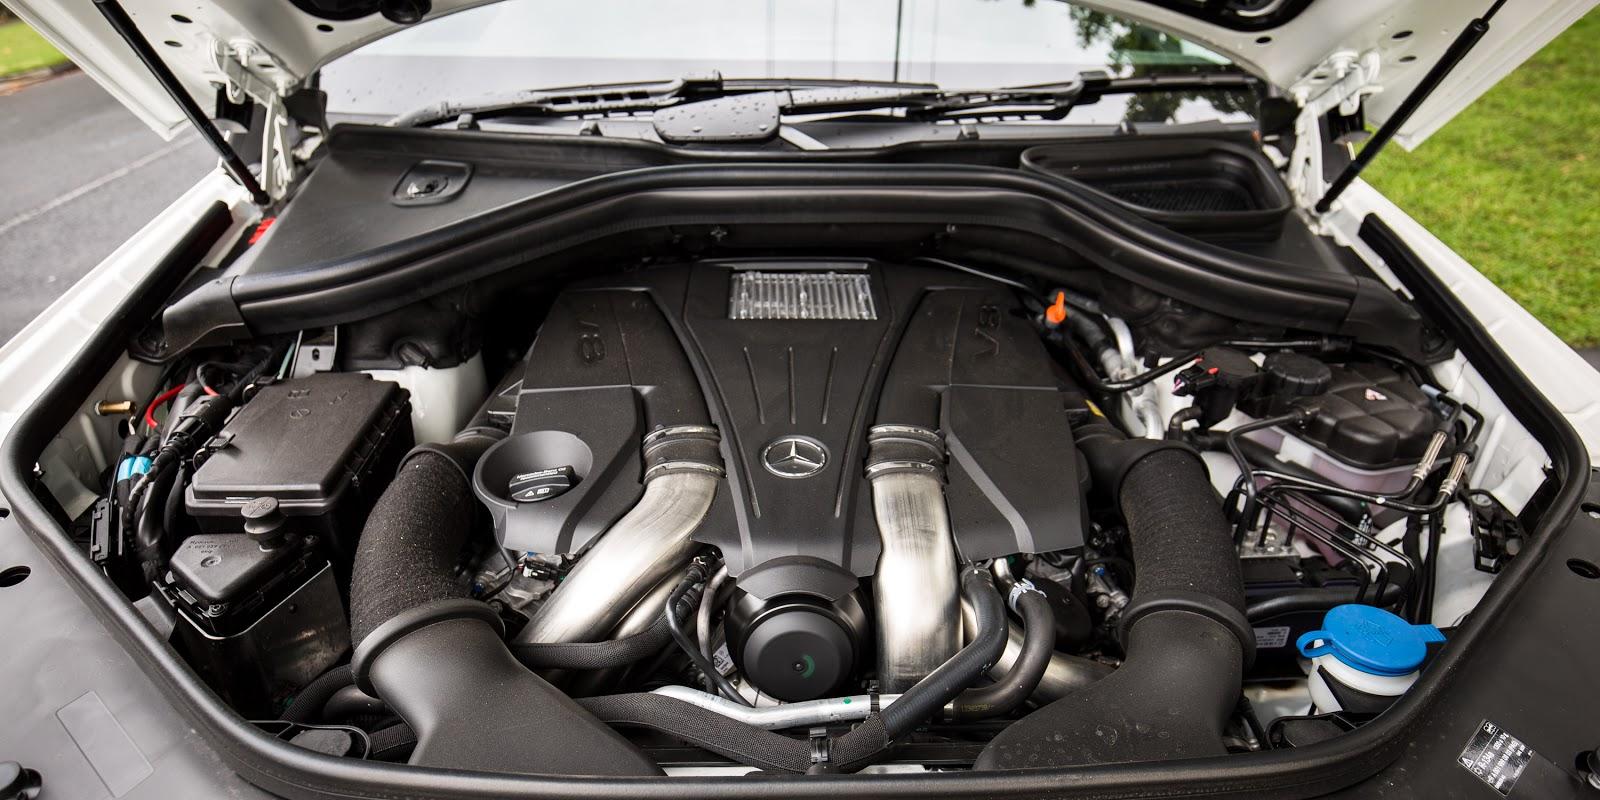 Động cơ xe cực kỳ mạnh và tùy từng phiên bản chạy xăng, dầu